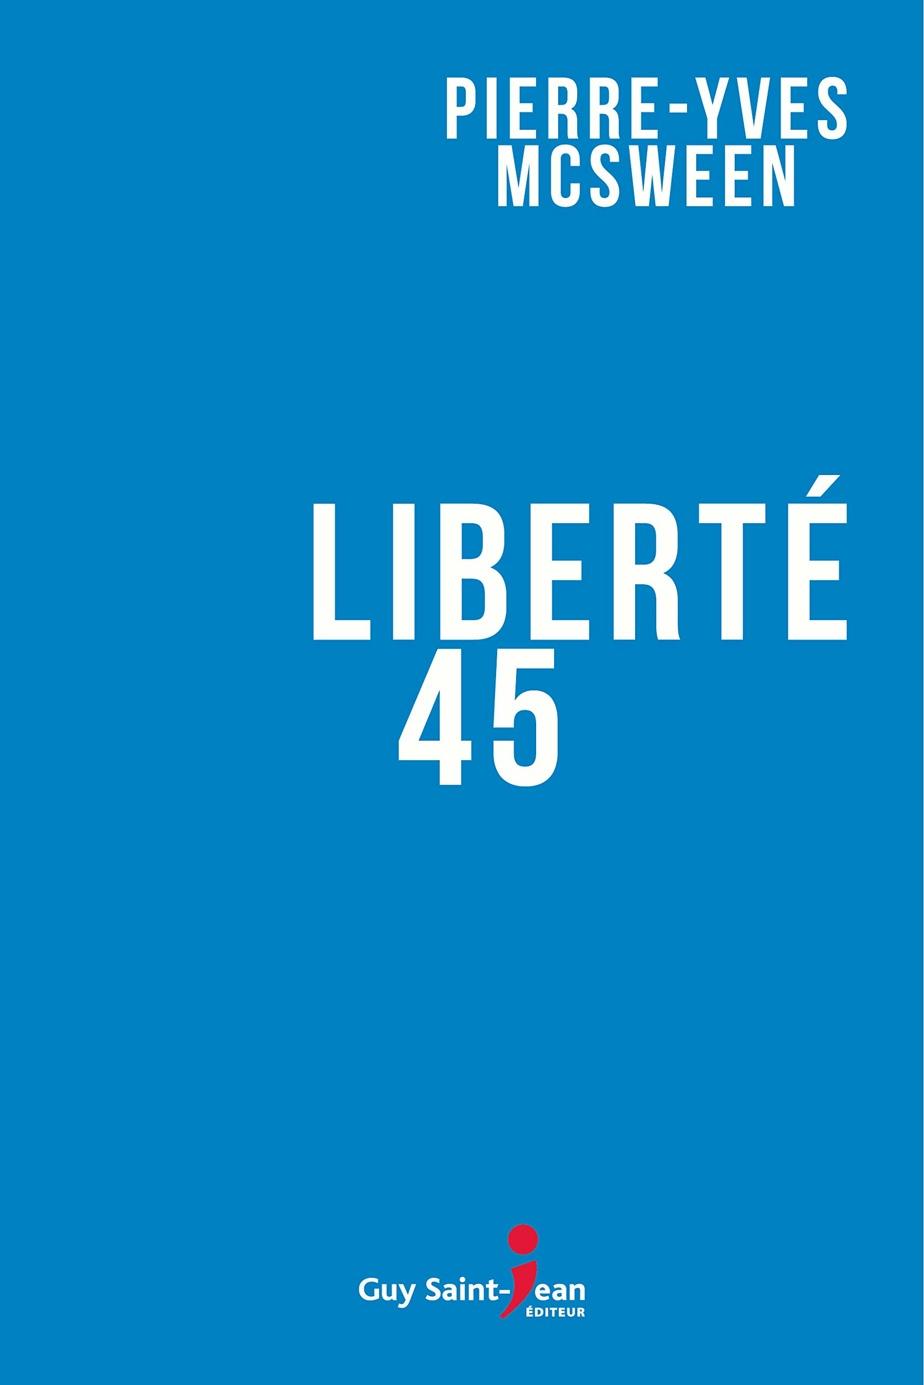 Liberté45